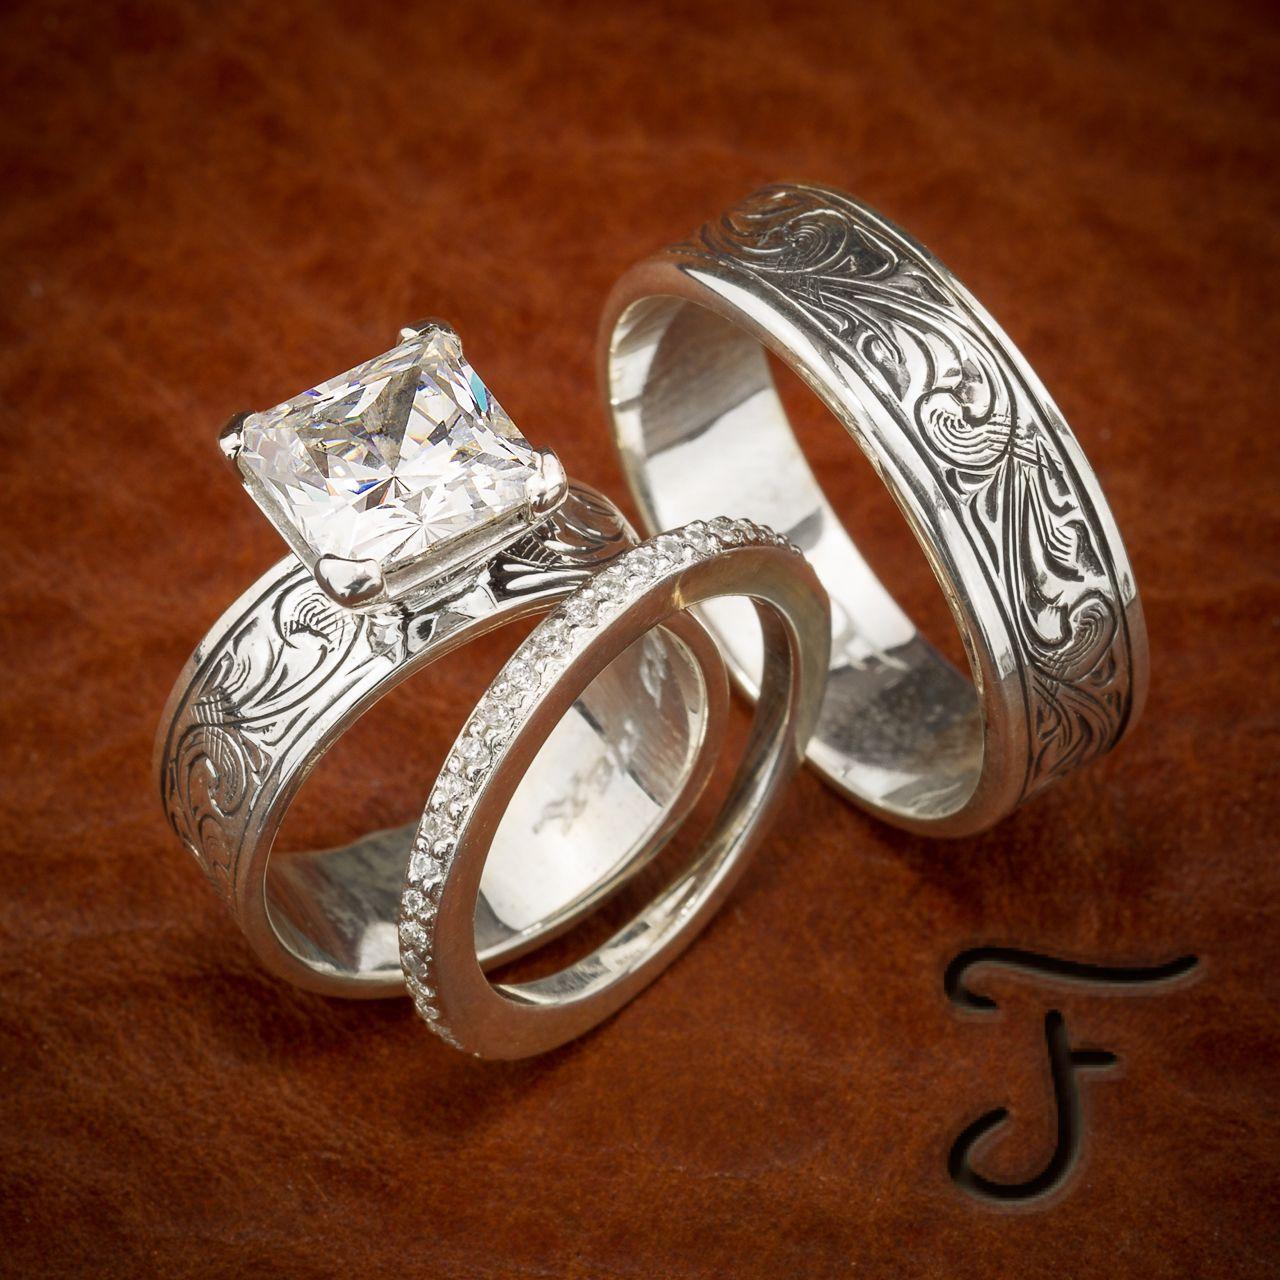 R20, R6, and R41 Western wedding rings, Vintage